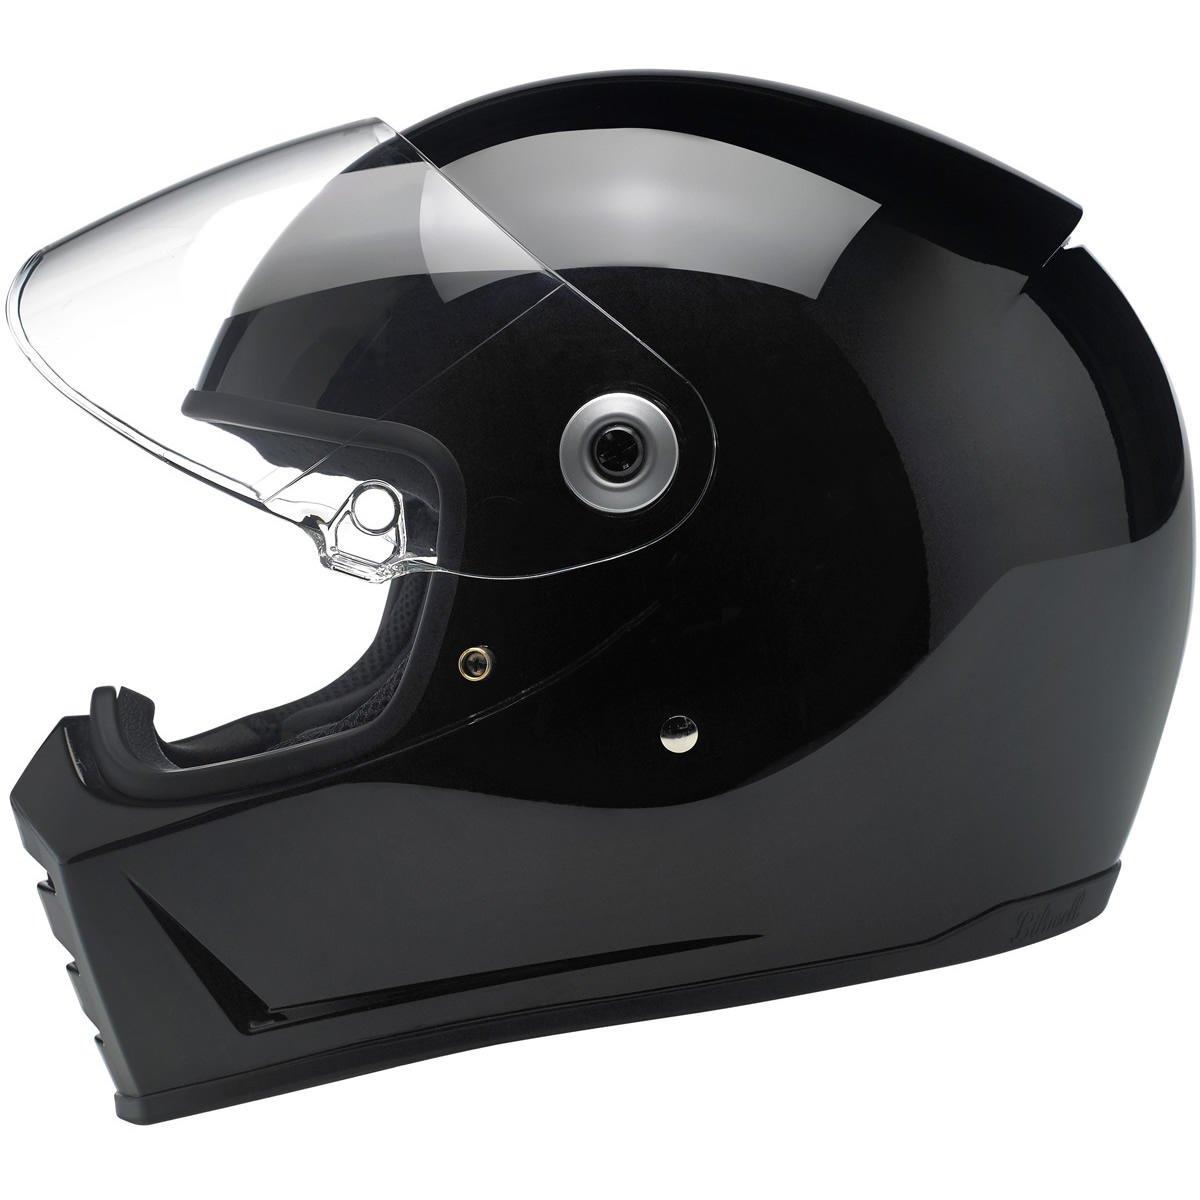 ECE approved NERO LUCIDO Casco Lane Splitter Helmet